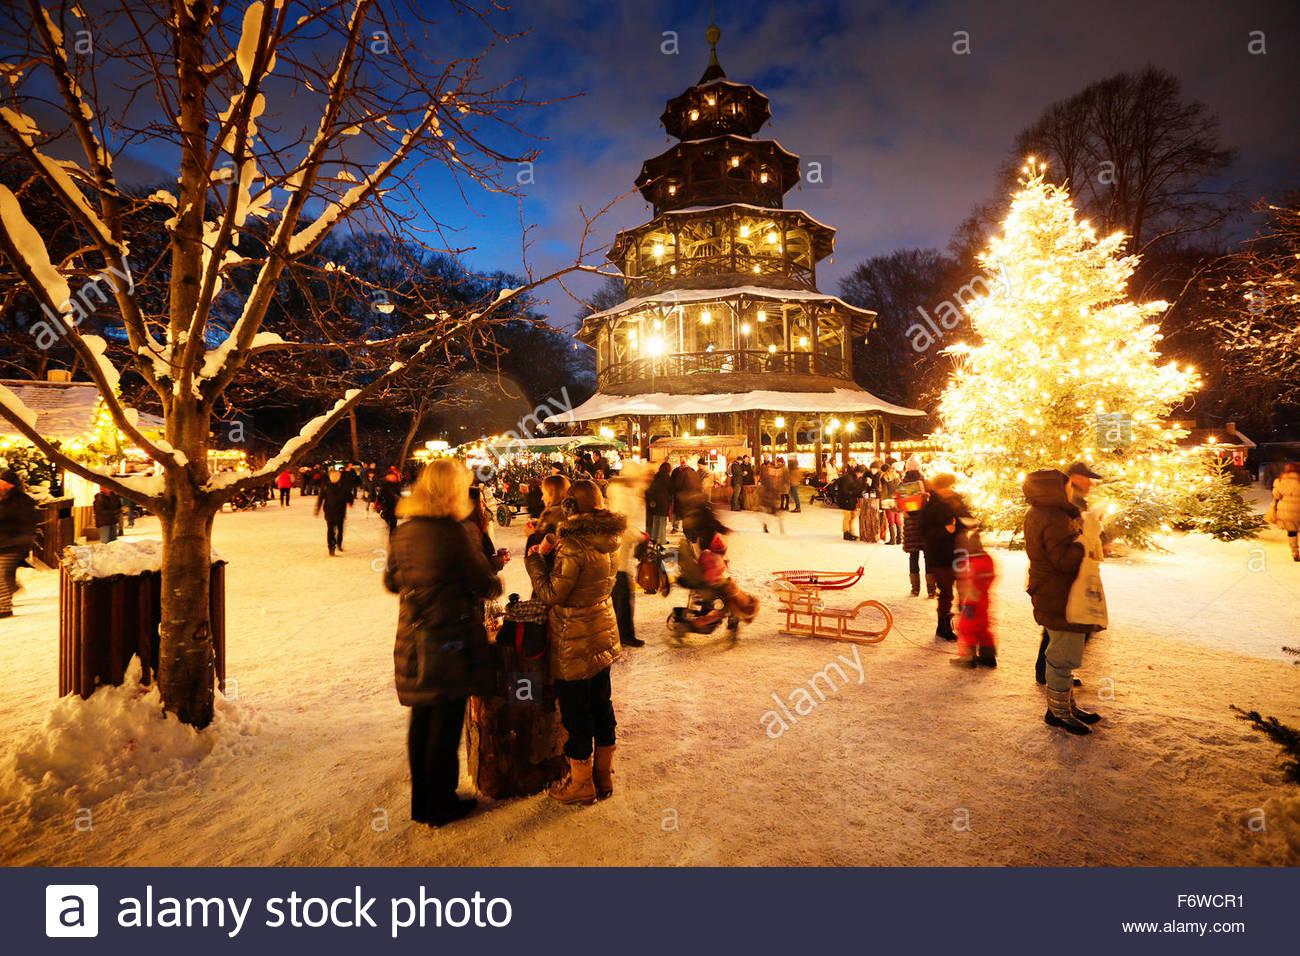 Weihnachtsmarkt Am Chinesischen Turm.Weihnachtsmarkt Am Chinesischen Turm Englischer Garten Munich